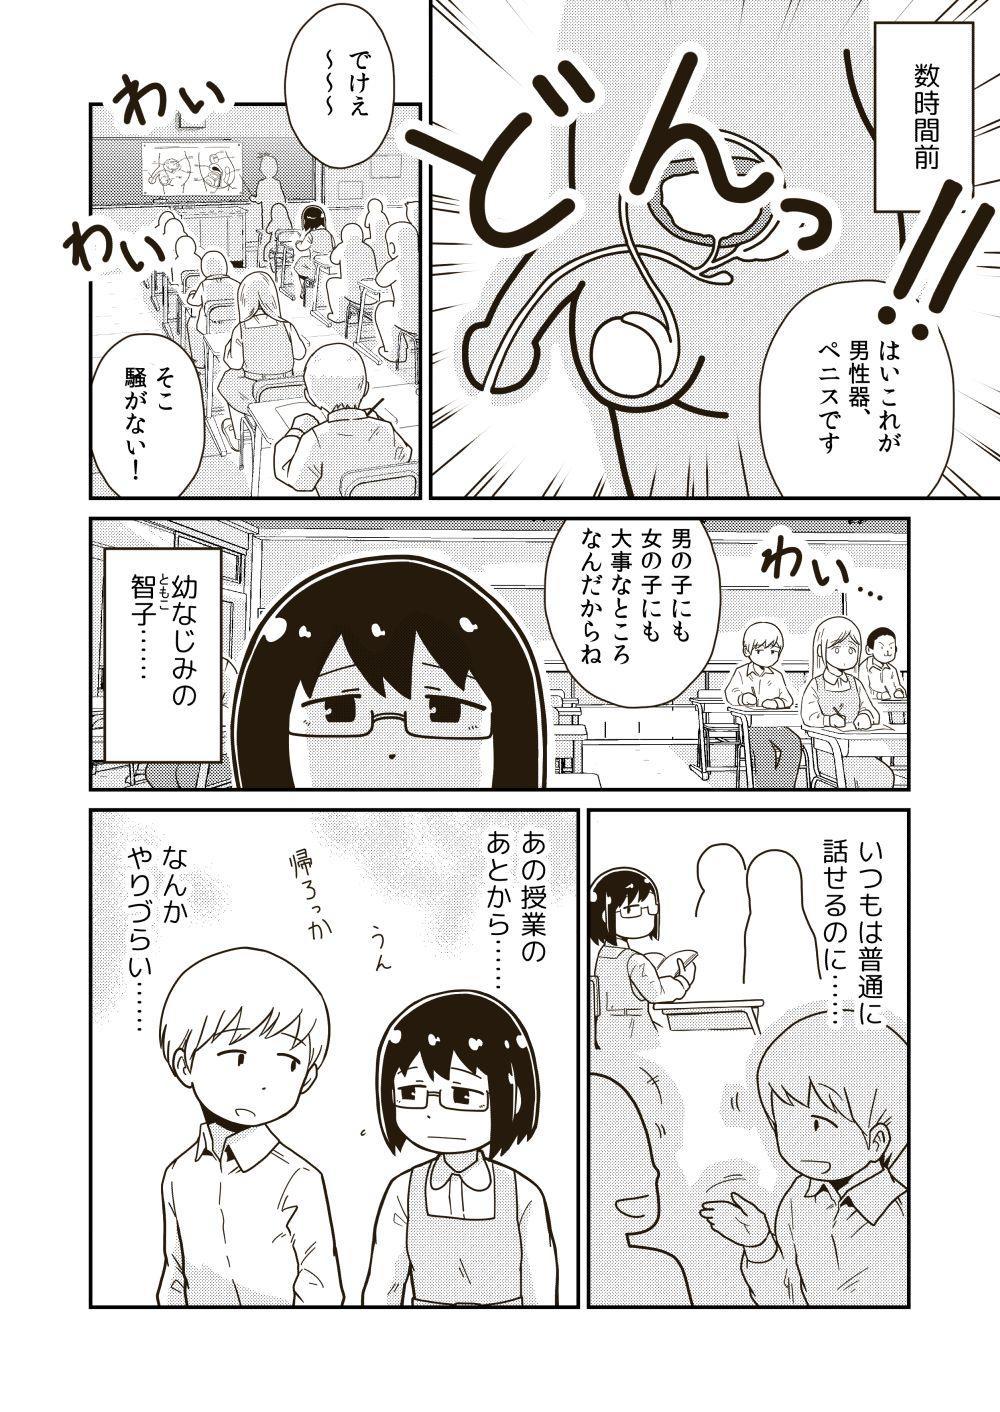 Futari no Hajimete 1